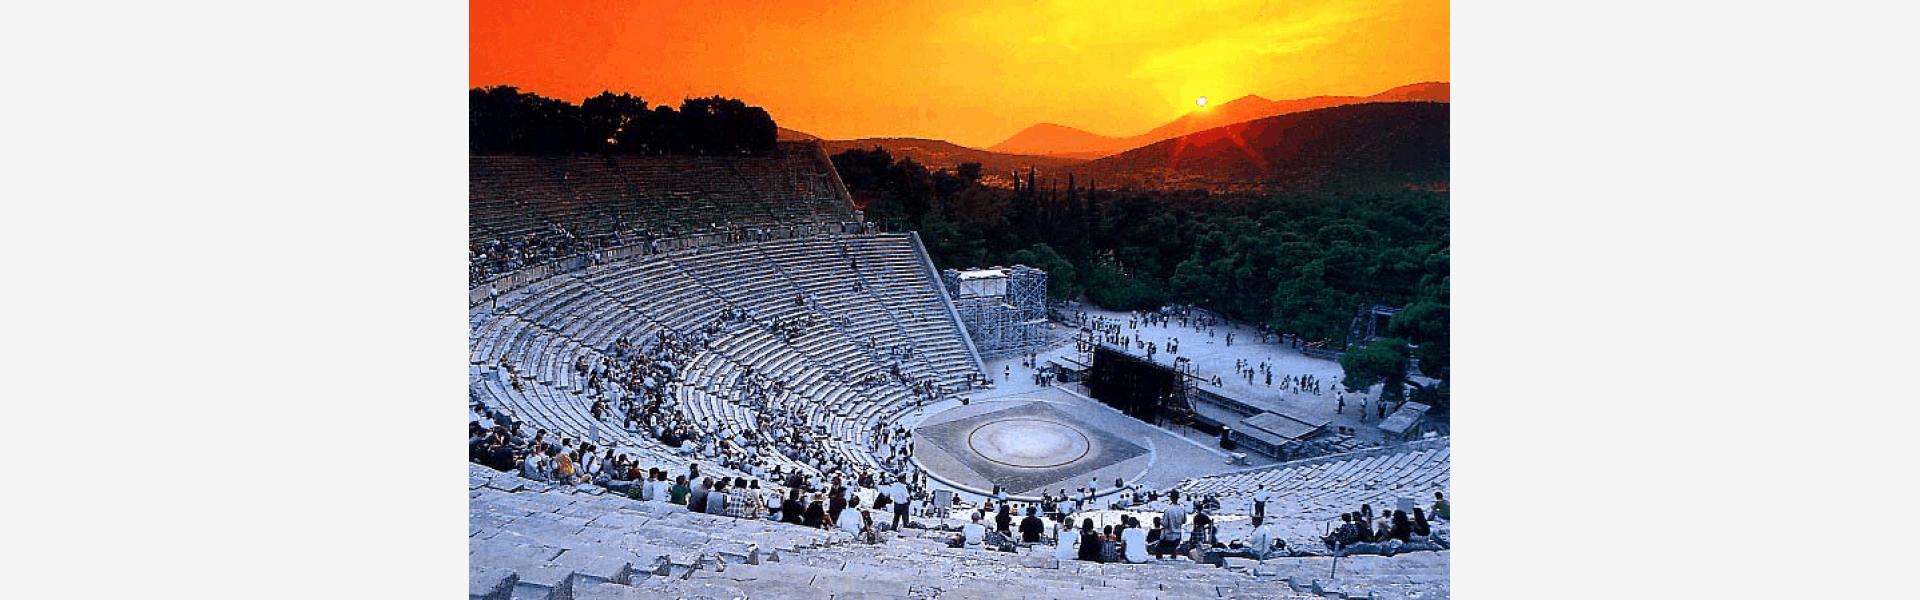 Epidavros Theatre - Trips Nearby Loutraki